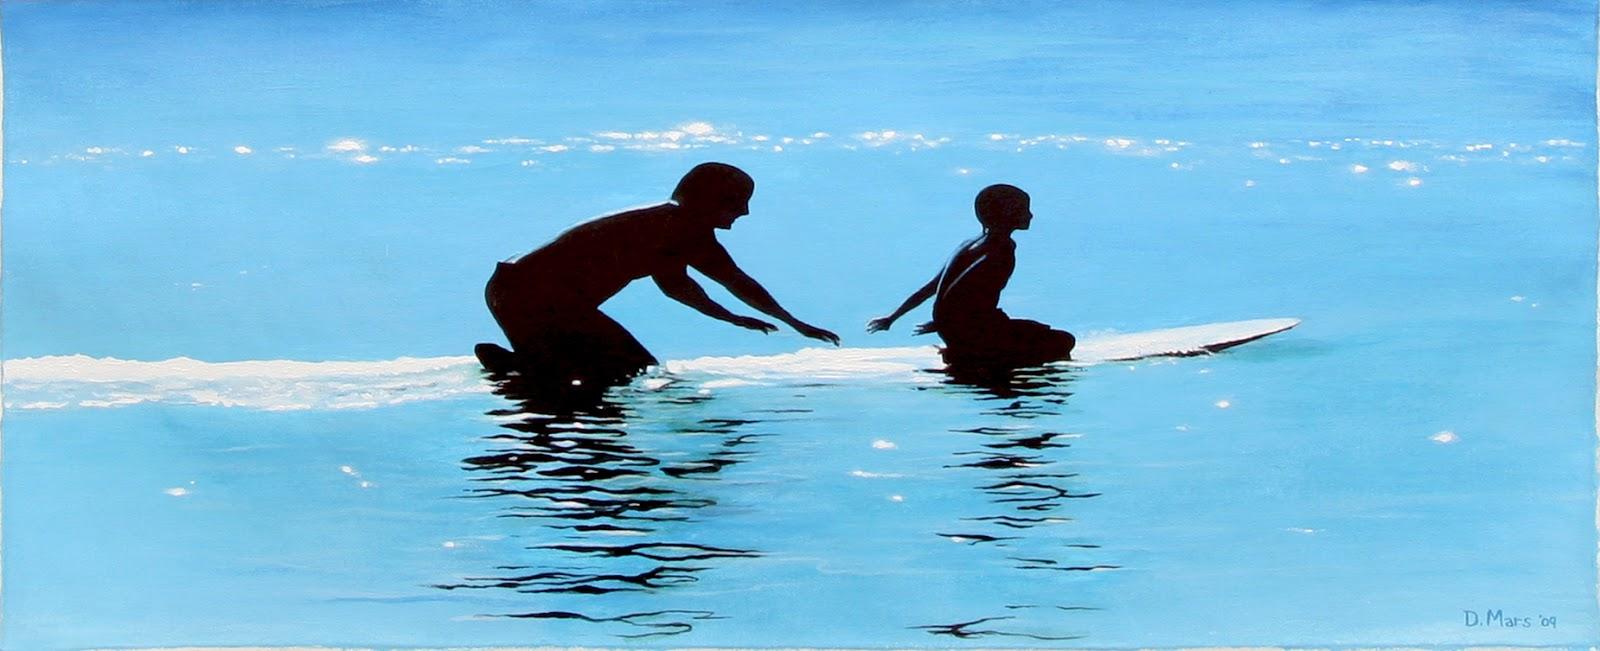 dia del padre surf 04